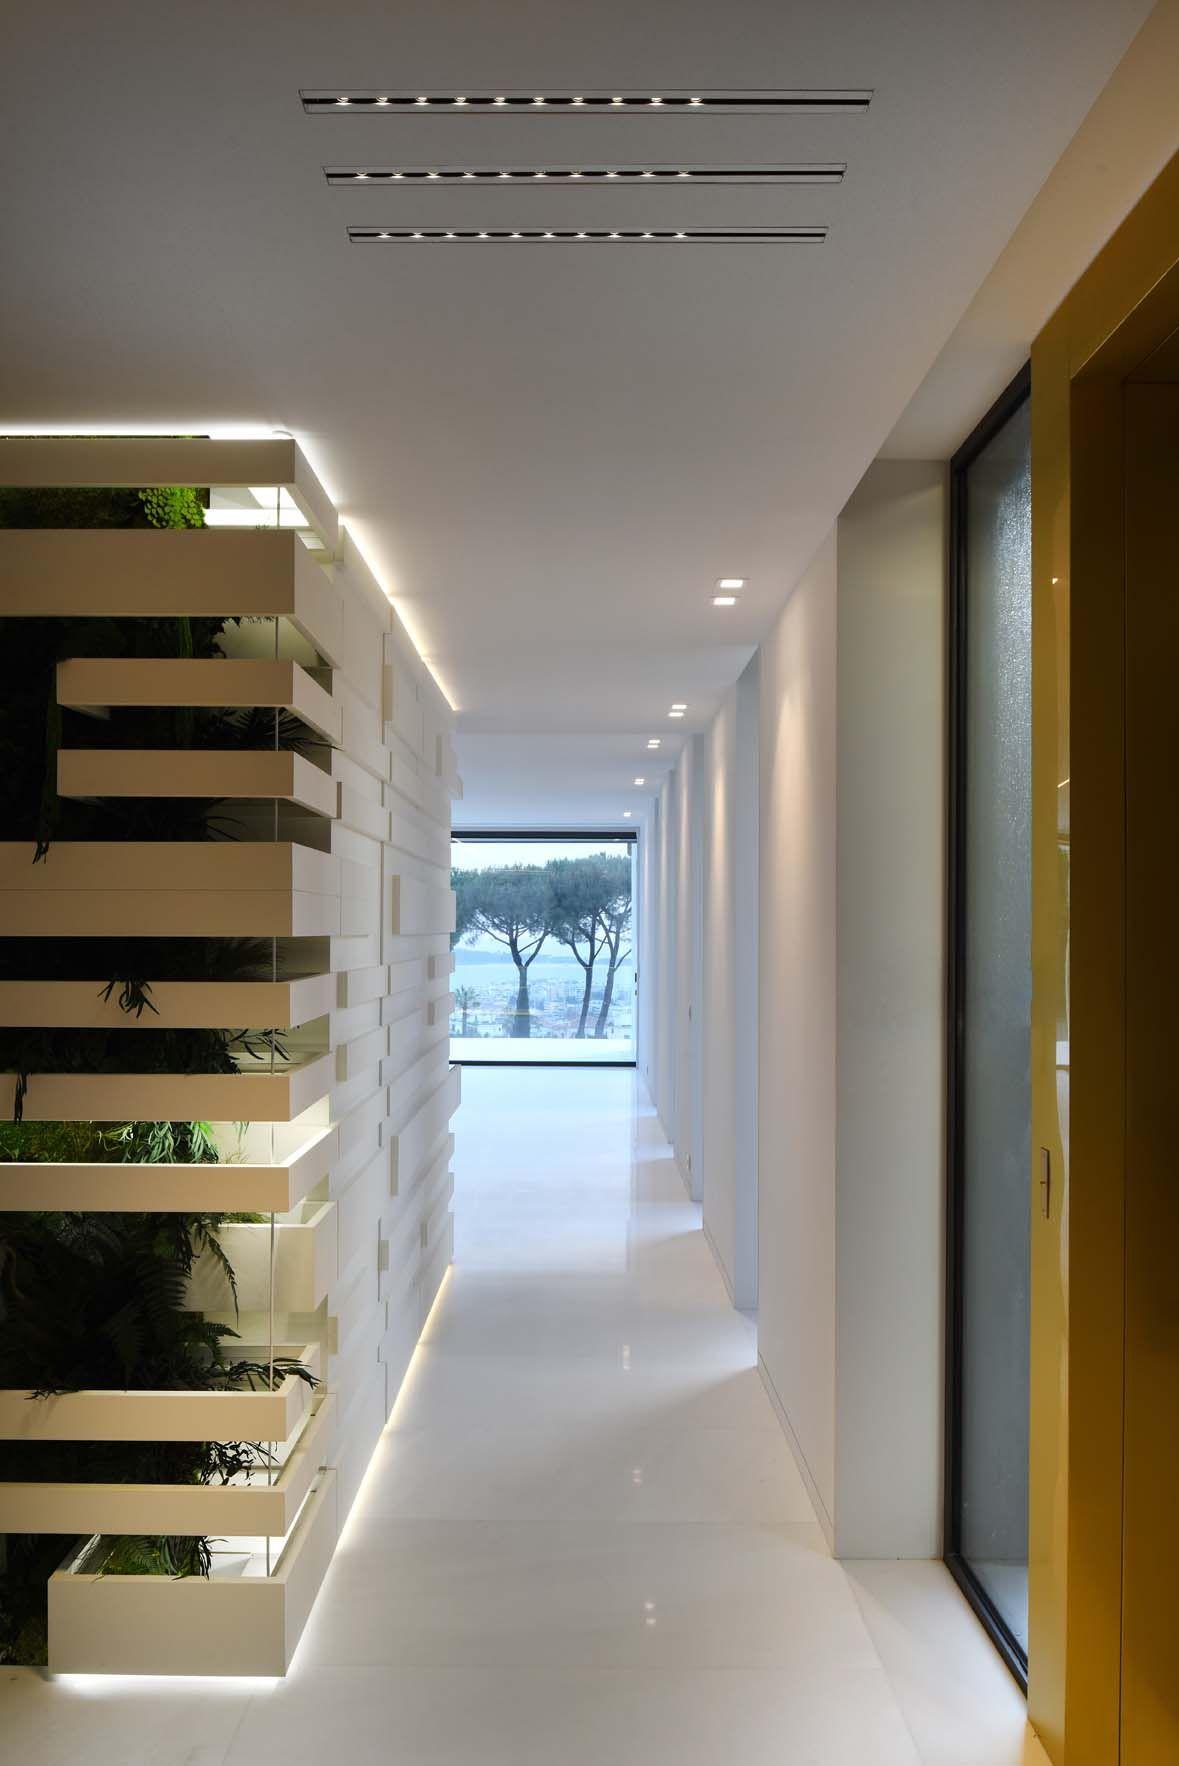 Architecte D Intérieur Cannes villa goldala californie - cannes - studio guilhem